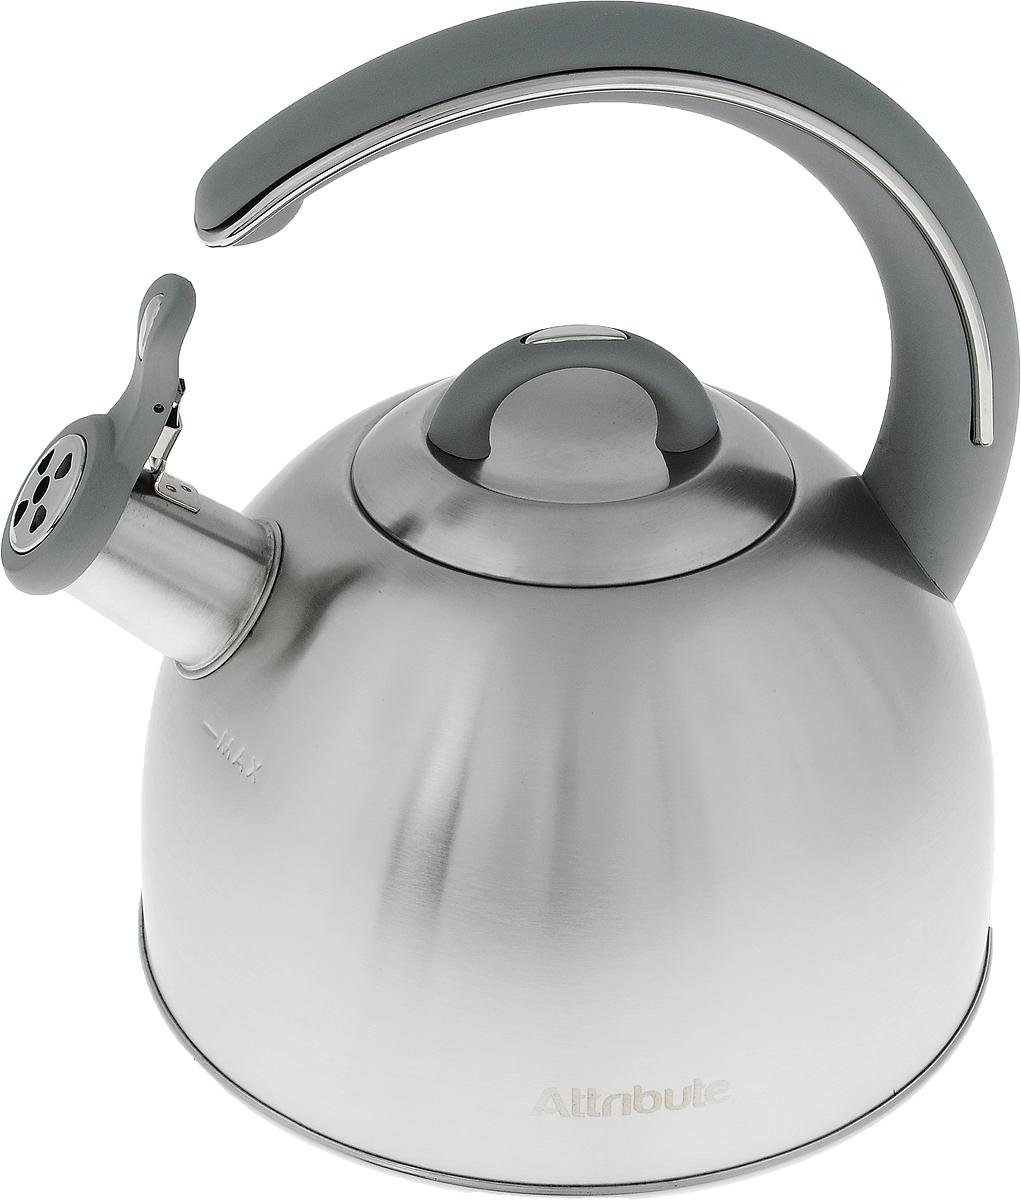 Чайник Attribute, со свистком, 2,8 л68/5/4Чайник Attribute выполнен из высококачественной нержавеющей стали с сатиновой полировкой, что делаетего весьма гигиеничным и устойчивым к износу при длительном использовании. Носик чайника оснащен насадкой-свистком, что позволит вам контролировать процесс подогрева или кипячения воды. Капсулированное дно способствует высокой теплопроводности и равномерному распределению тепла. Эстетичный и функциональный, с эксклюзивным дизайном, чайник будет оригинально смотретьсяв любом интерьере.Подходит для всех типов плит, включая индукционные. Можно мыть в посудомоечной машине. Высота чайника (без учета ручки и крышки): 13 см.Высота чайника (с учетом ручки): 24,5 см.Диаметр чайника (по верхнему краю): 10 см.